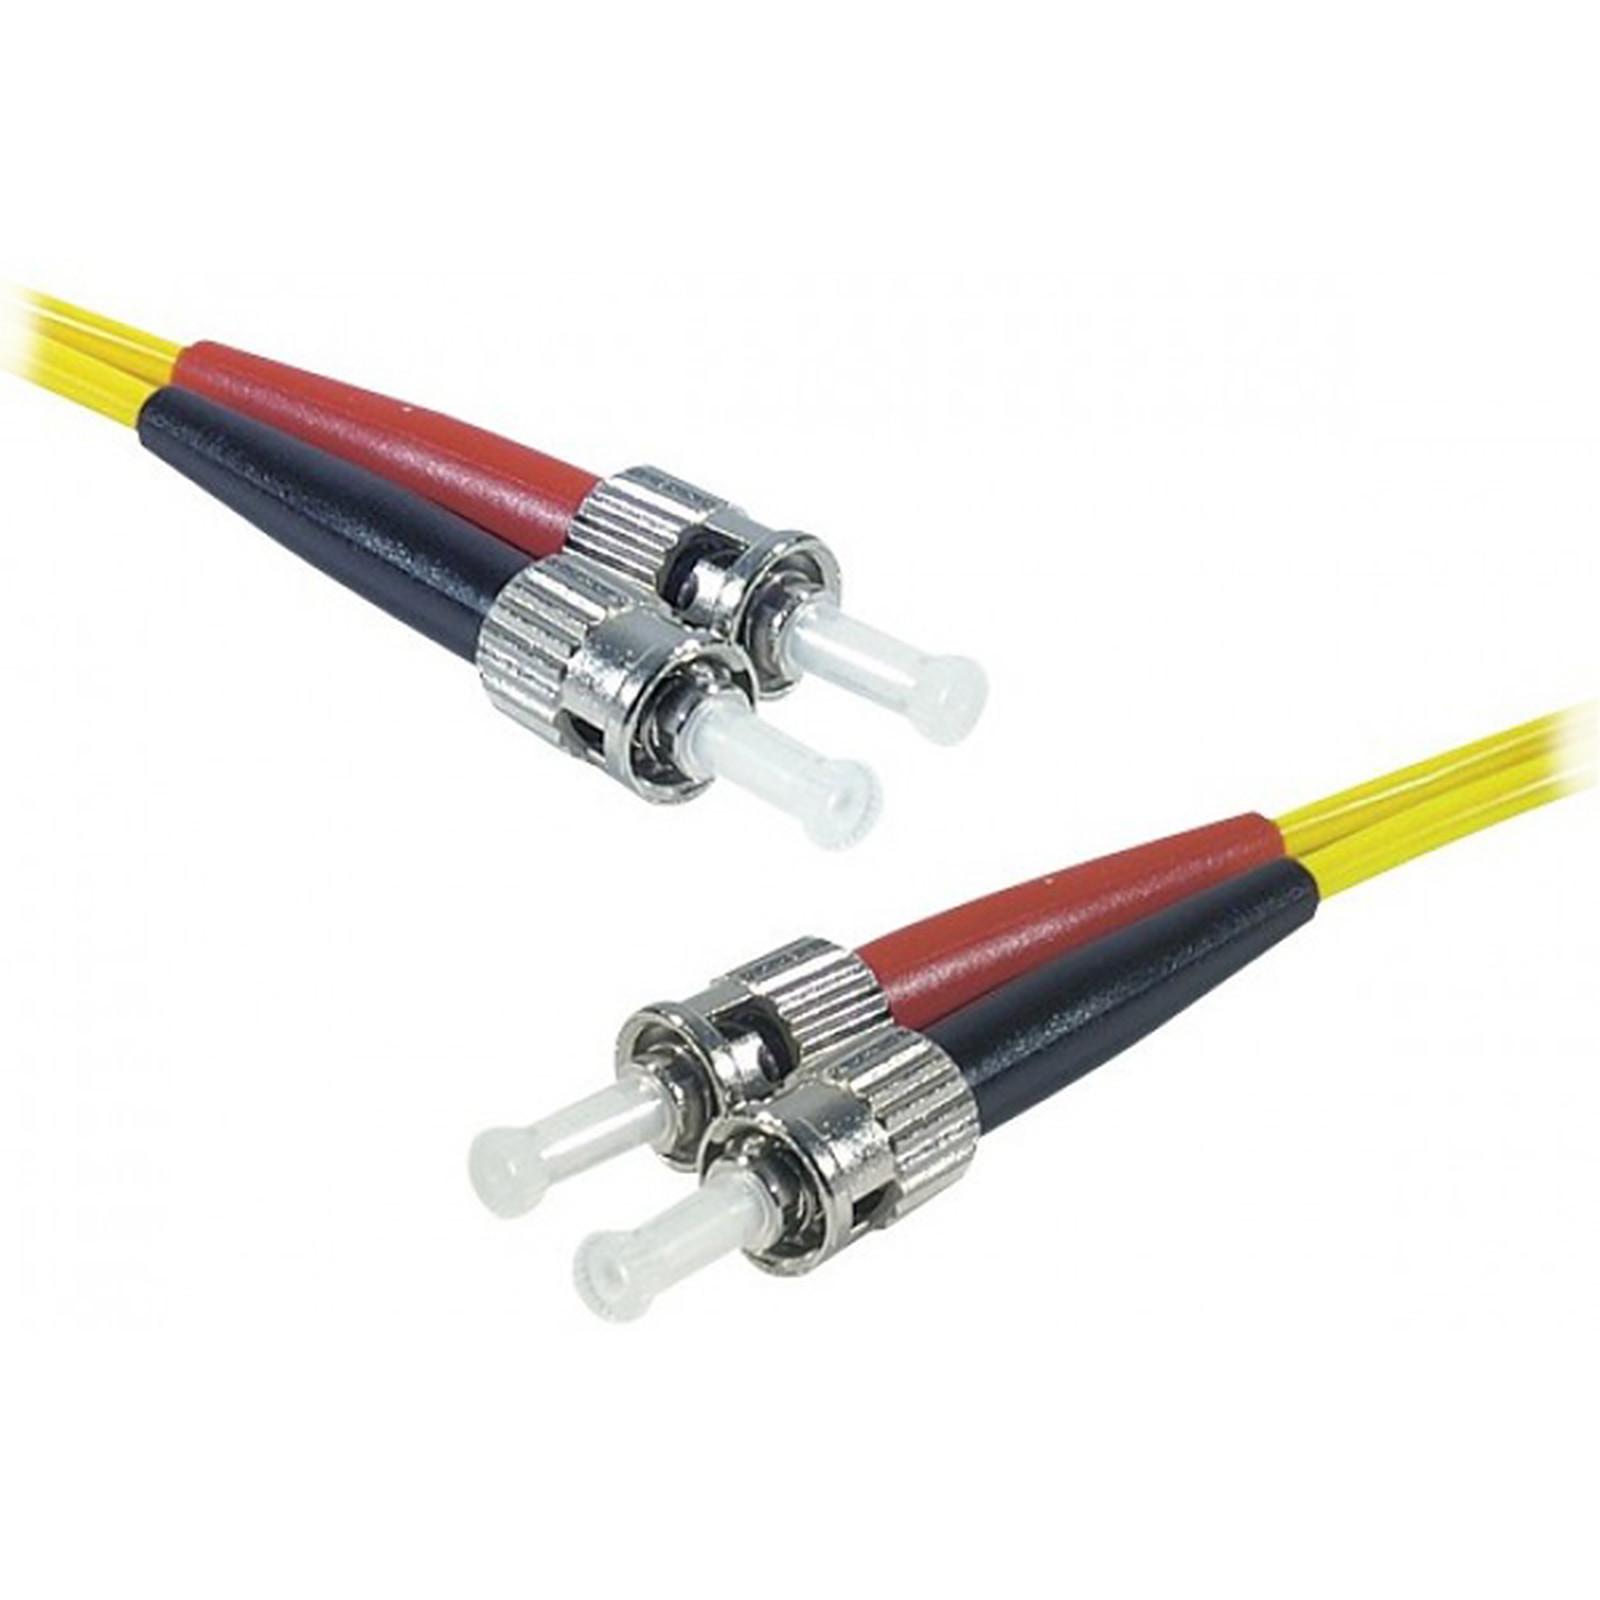 Jarretière optique duplex monomode 2mm OS2 ST-UPC/ST-UPC (1 mètre)